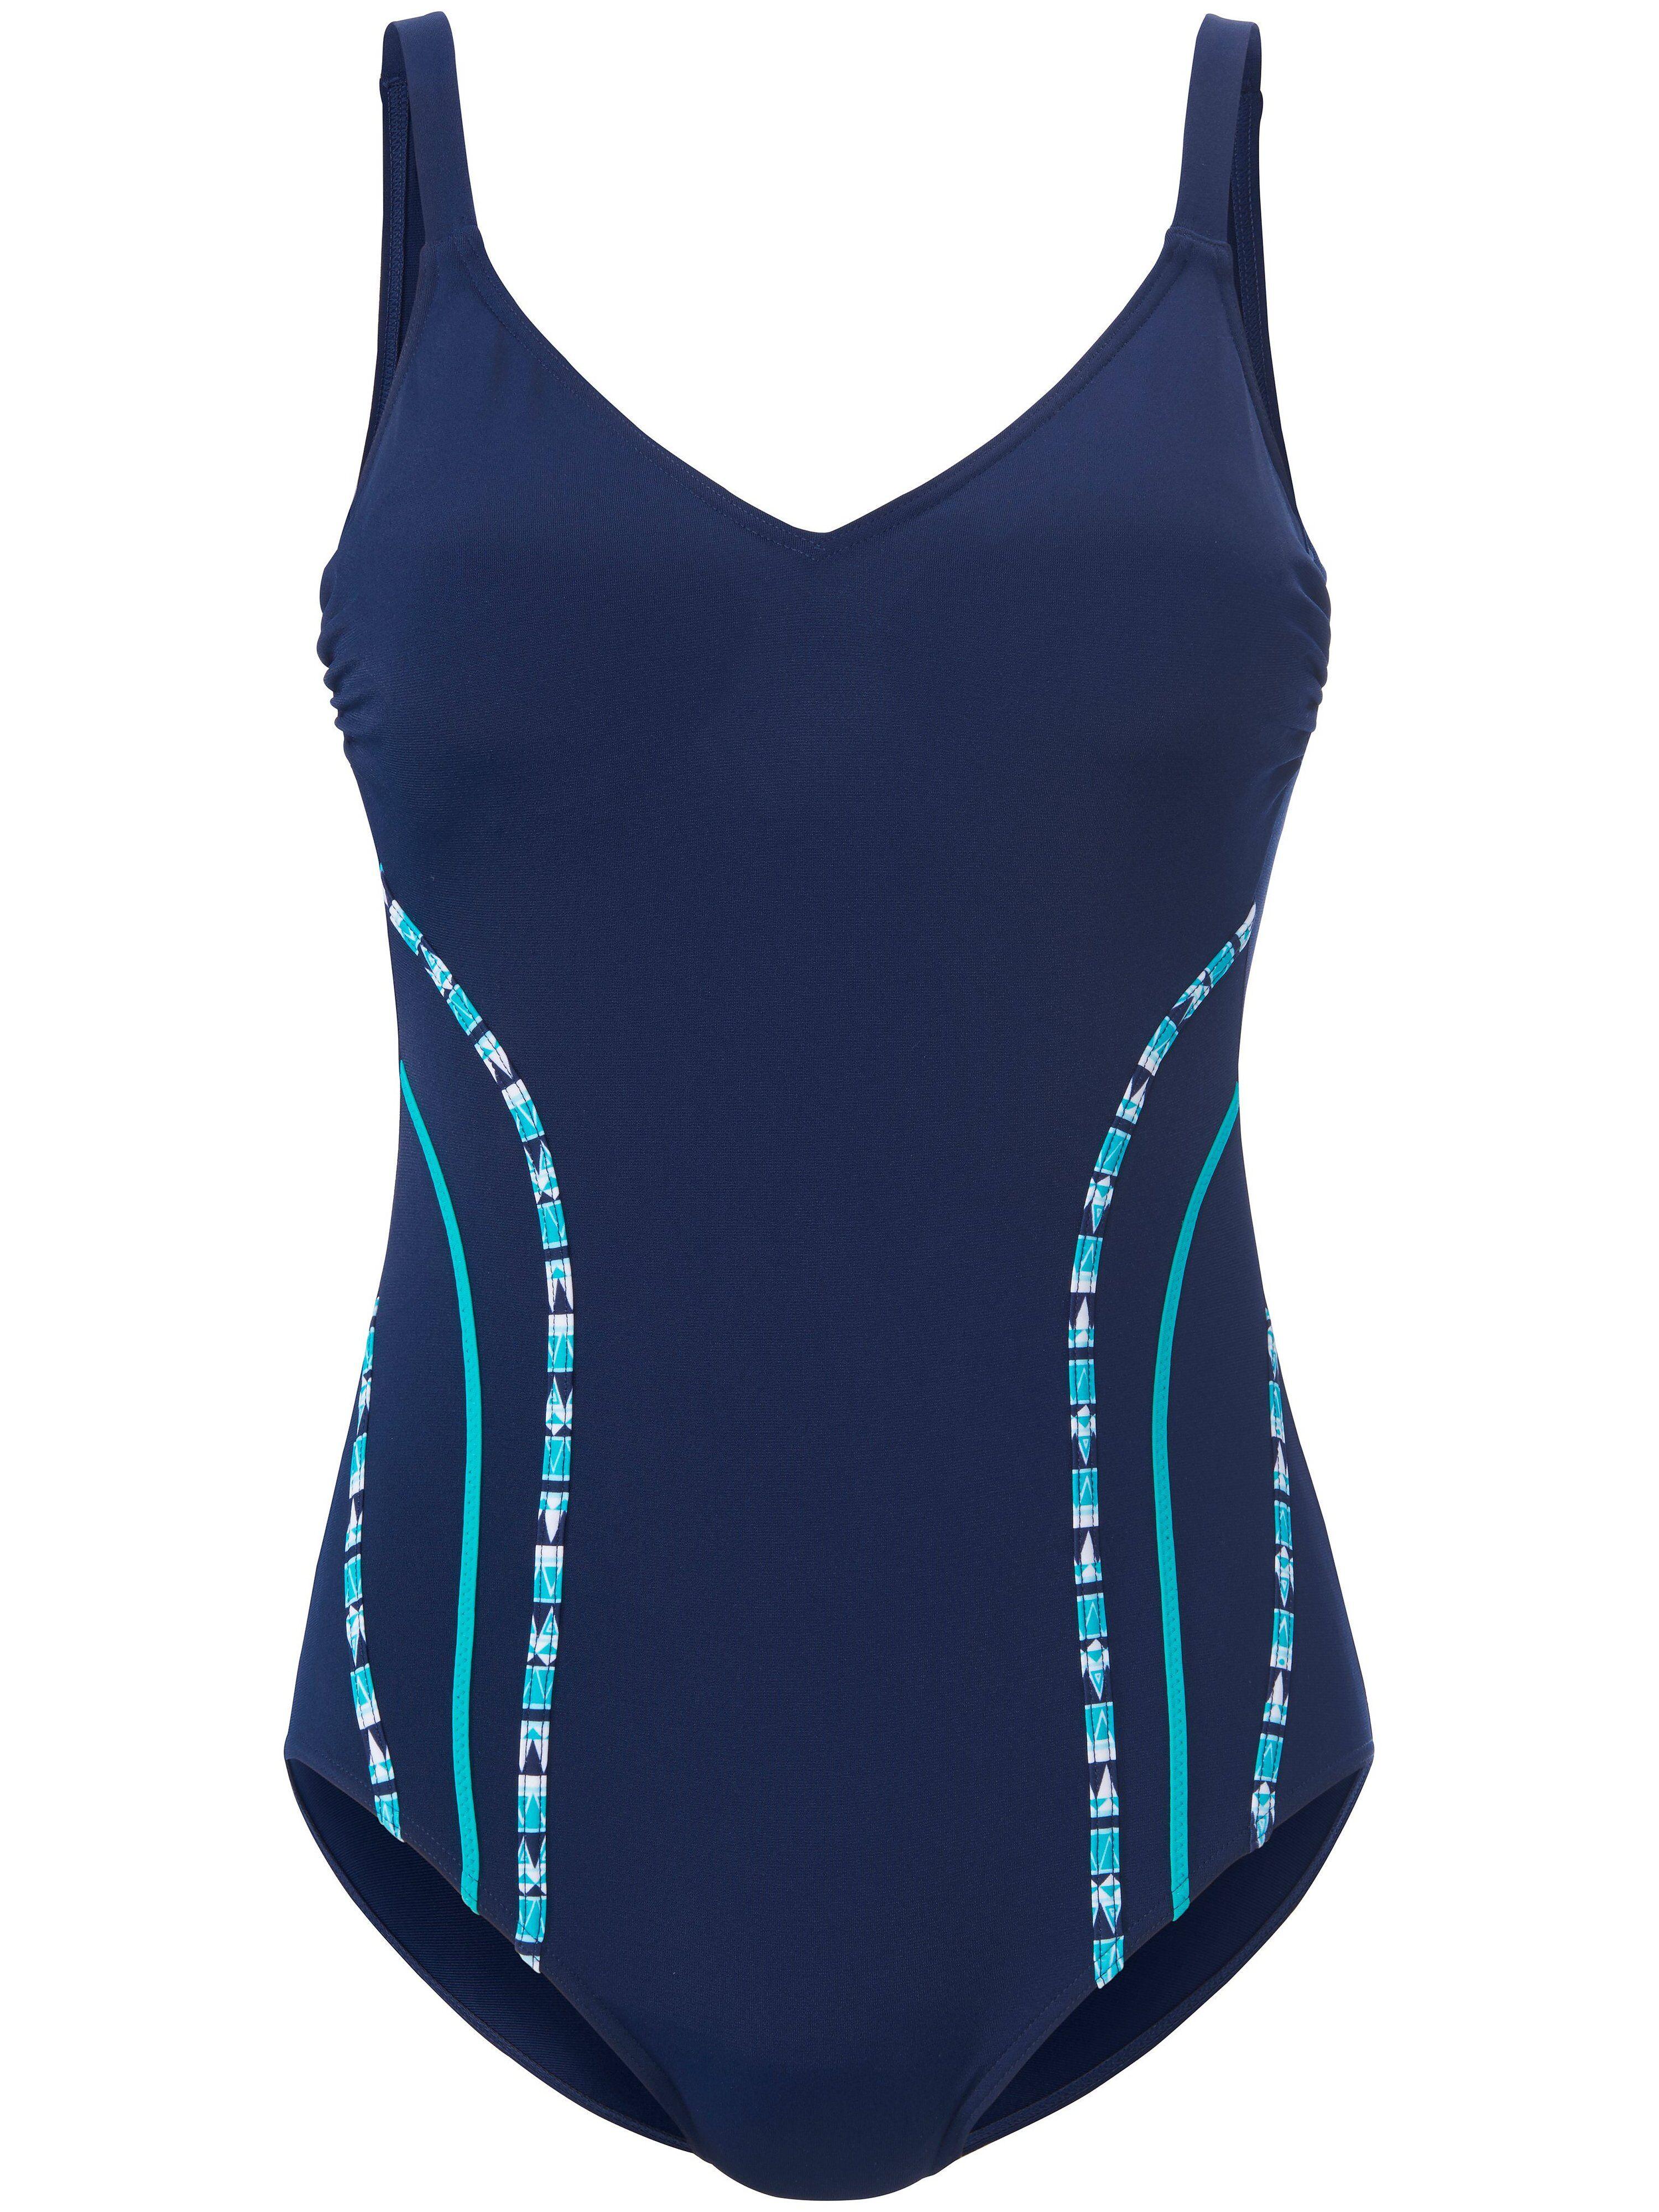 Sunmarin Le maillot bain avec buste doublé  Sunmarin bleu  - Femme - 40